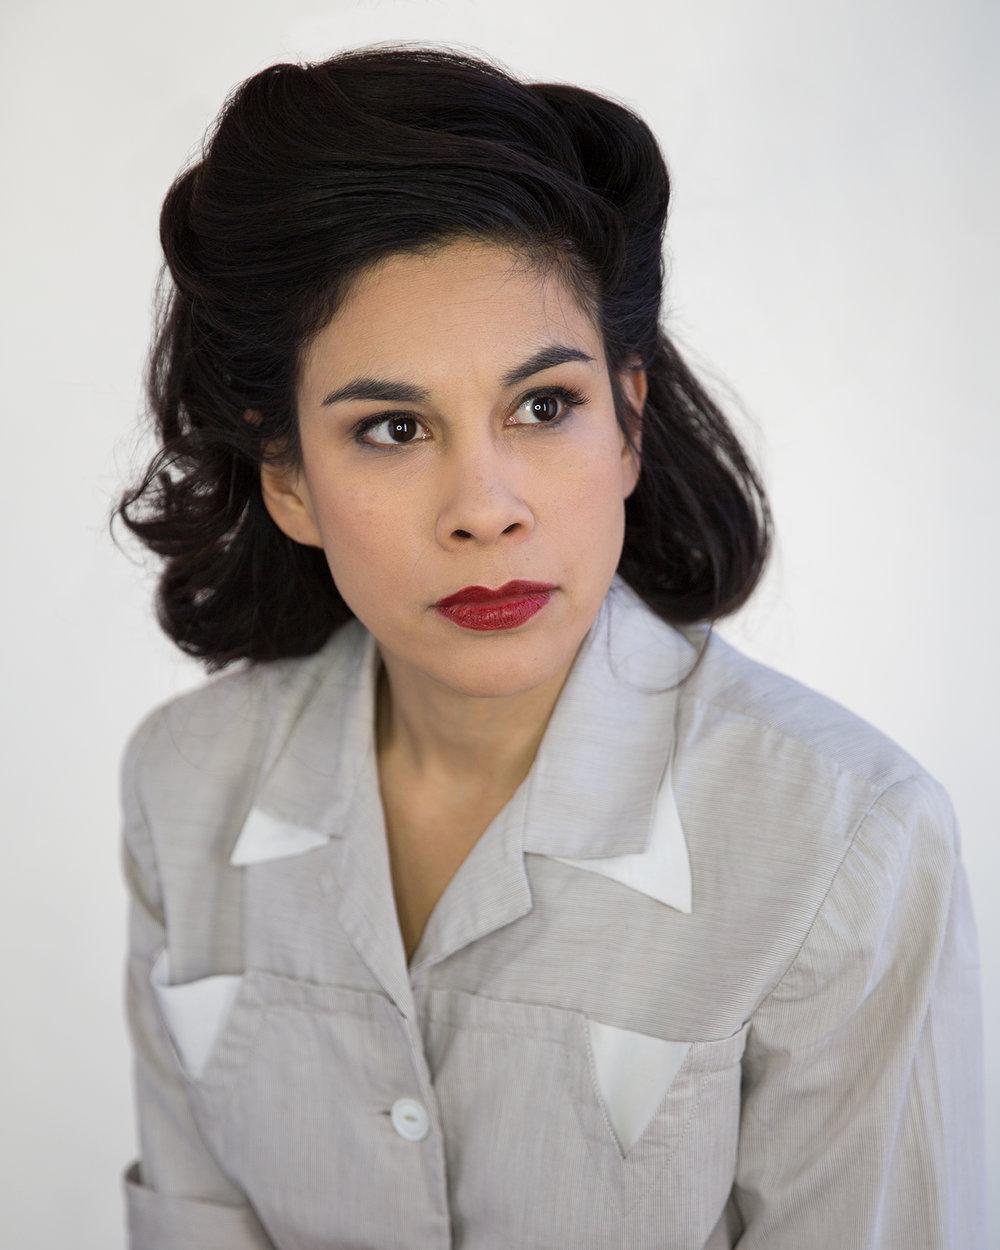 Diana Sofia-Estrada as María Chinchilla Recinos